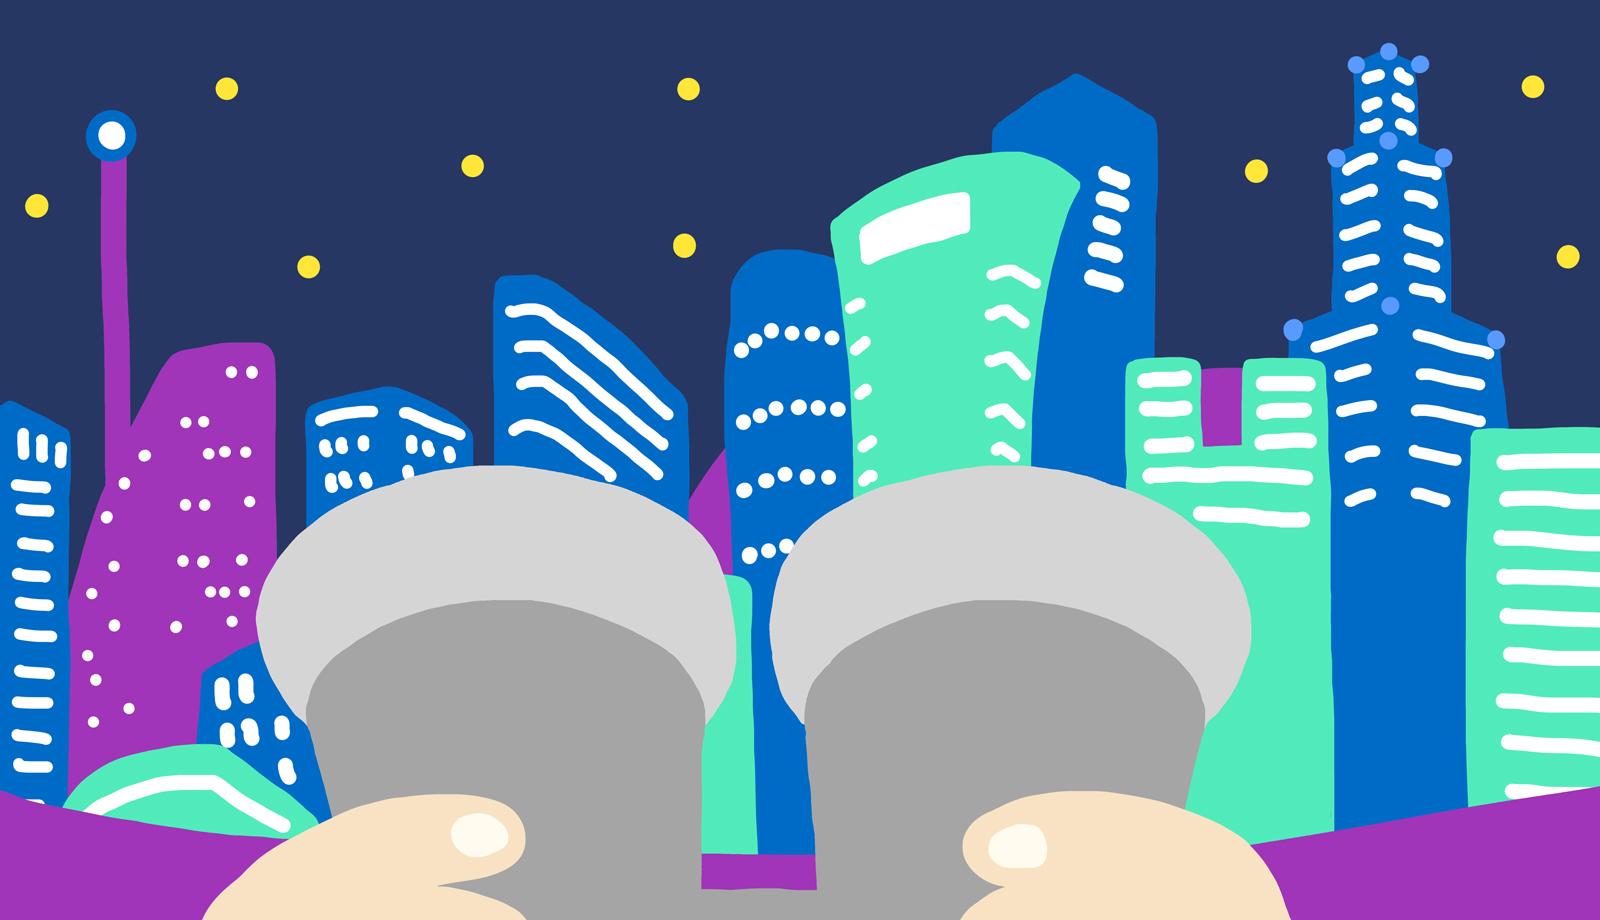 日本と違う世界の常識、少子高齢化が進むシンガポールの政策